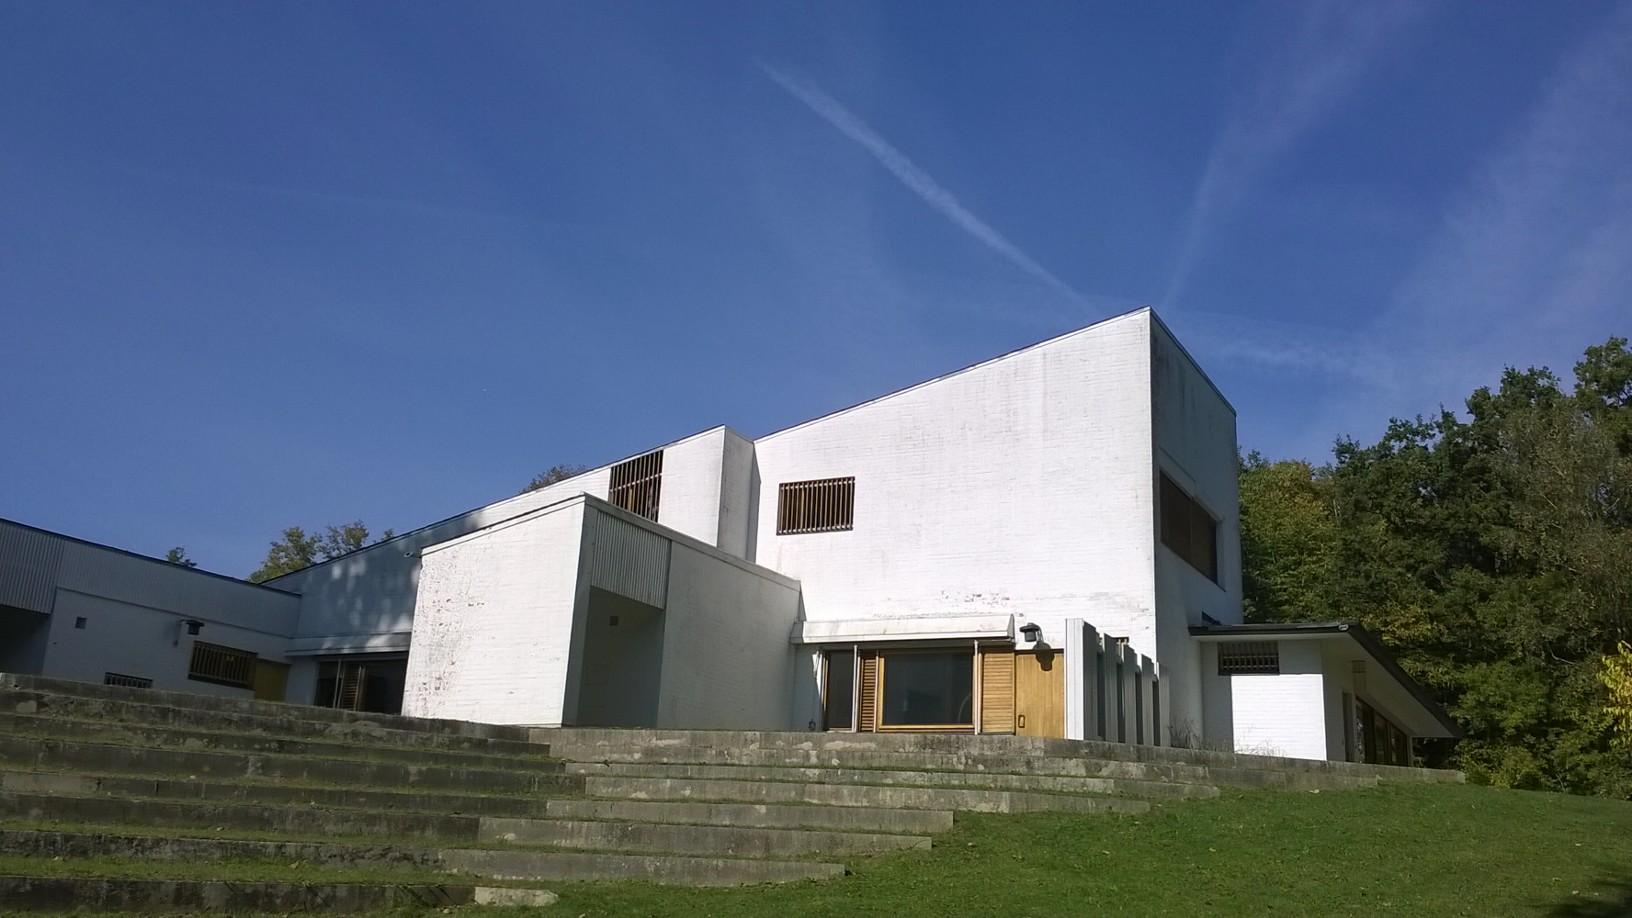 Meuble Salle De Bain Pierre Et Bois ~ Maison Louis Carre Alvar Aalto Architecture Conceptions De La